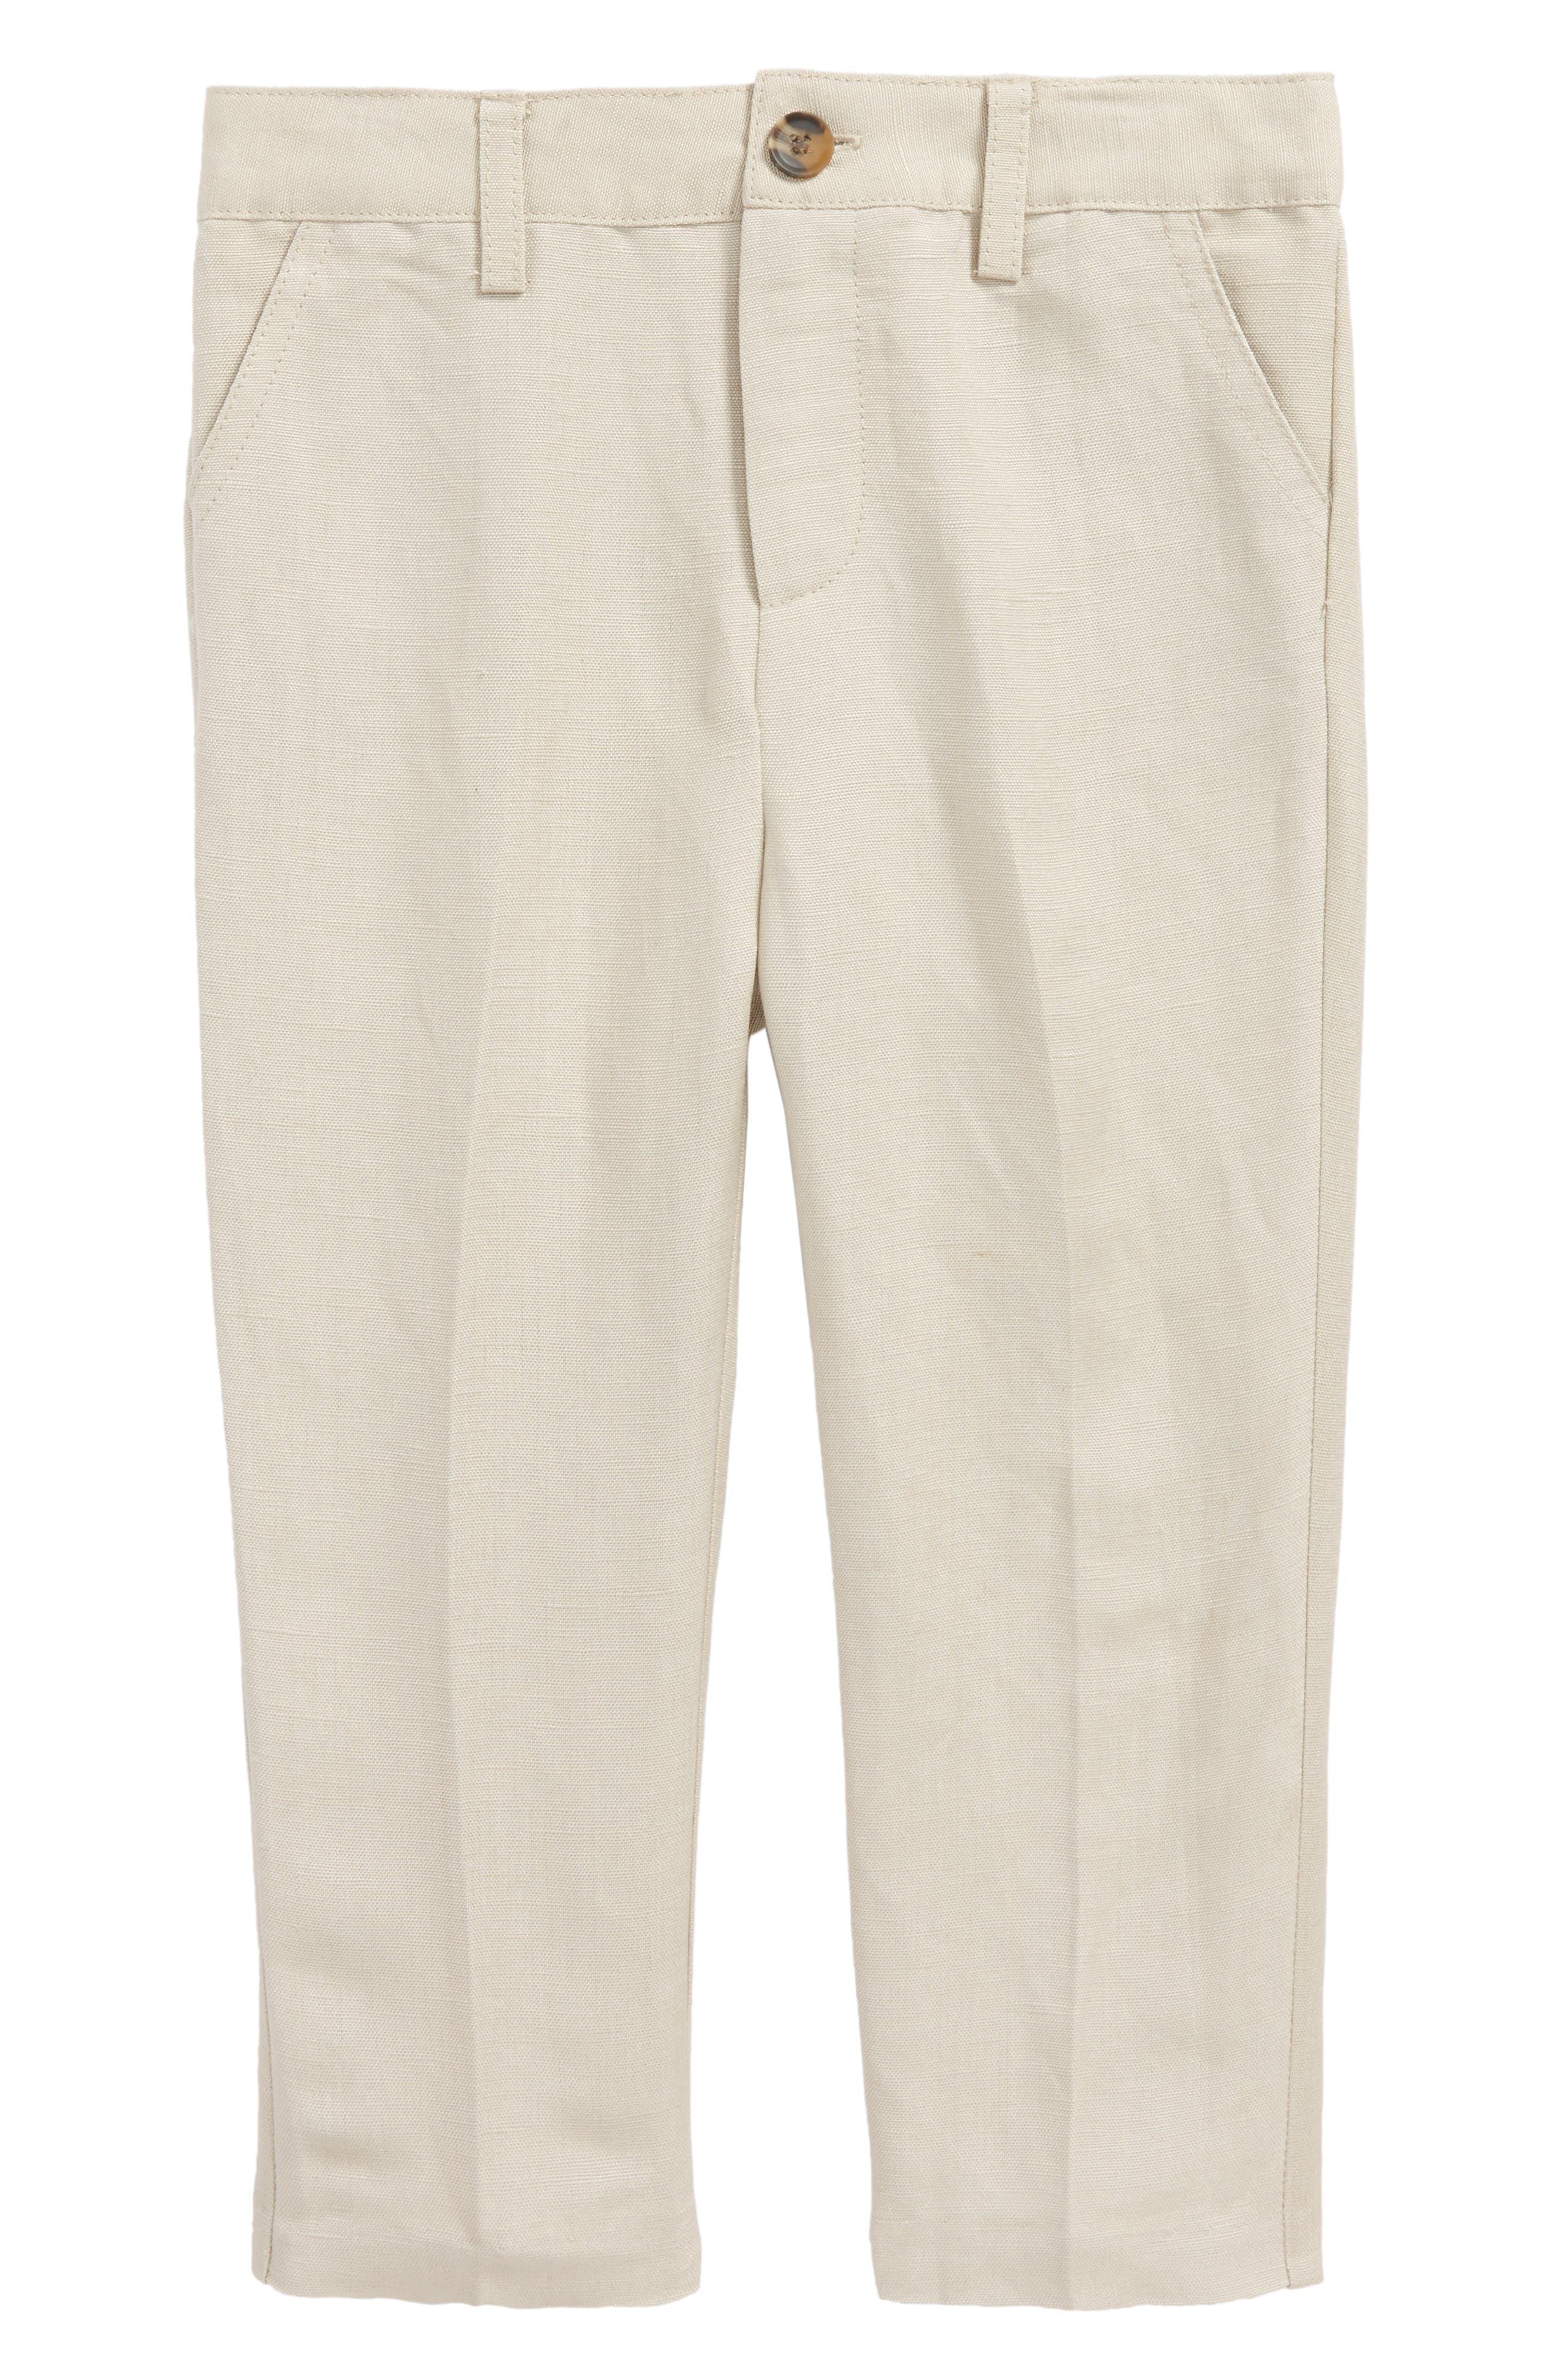 BARDOT JUNIOR Miles Linen Blend Dress Pants, Main, color, 277